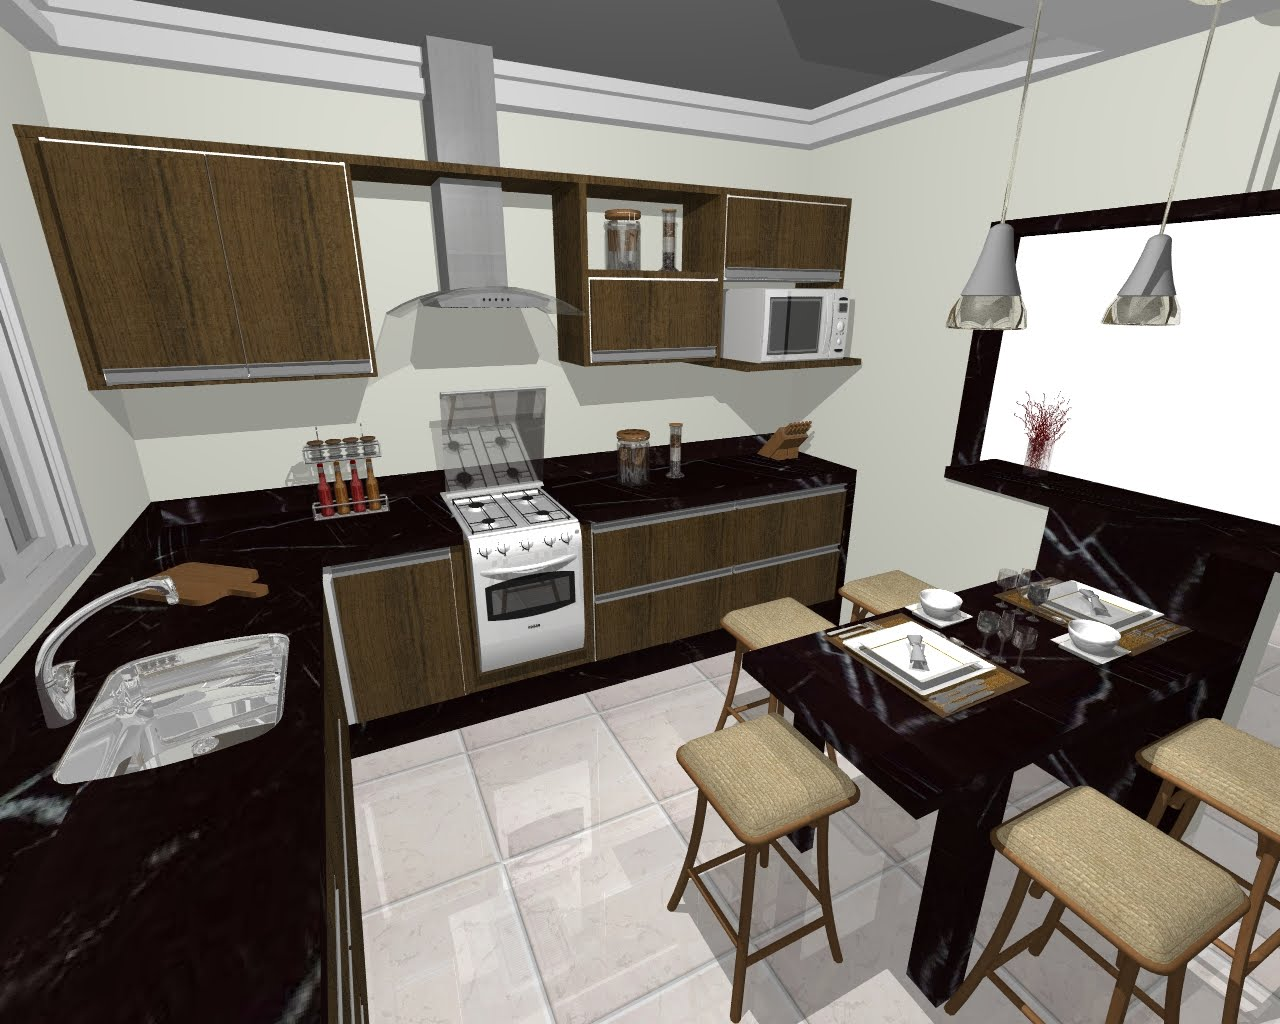 Another Image For Mesas para Cozinha de Granito Fotos e Imagens  #5E4830 1280 1024